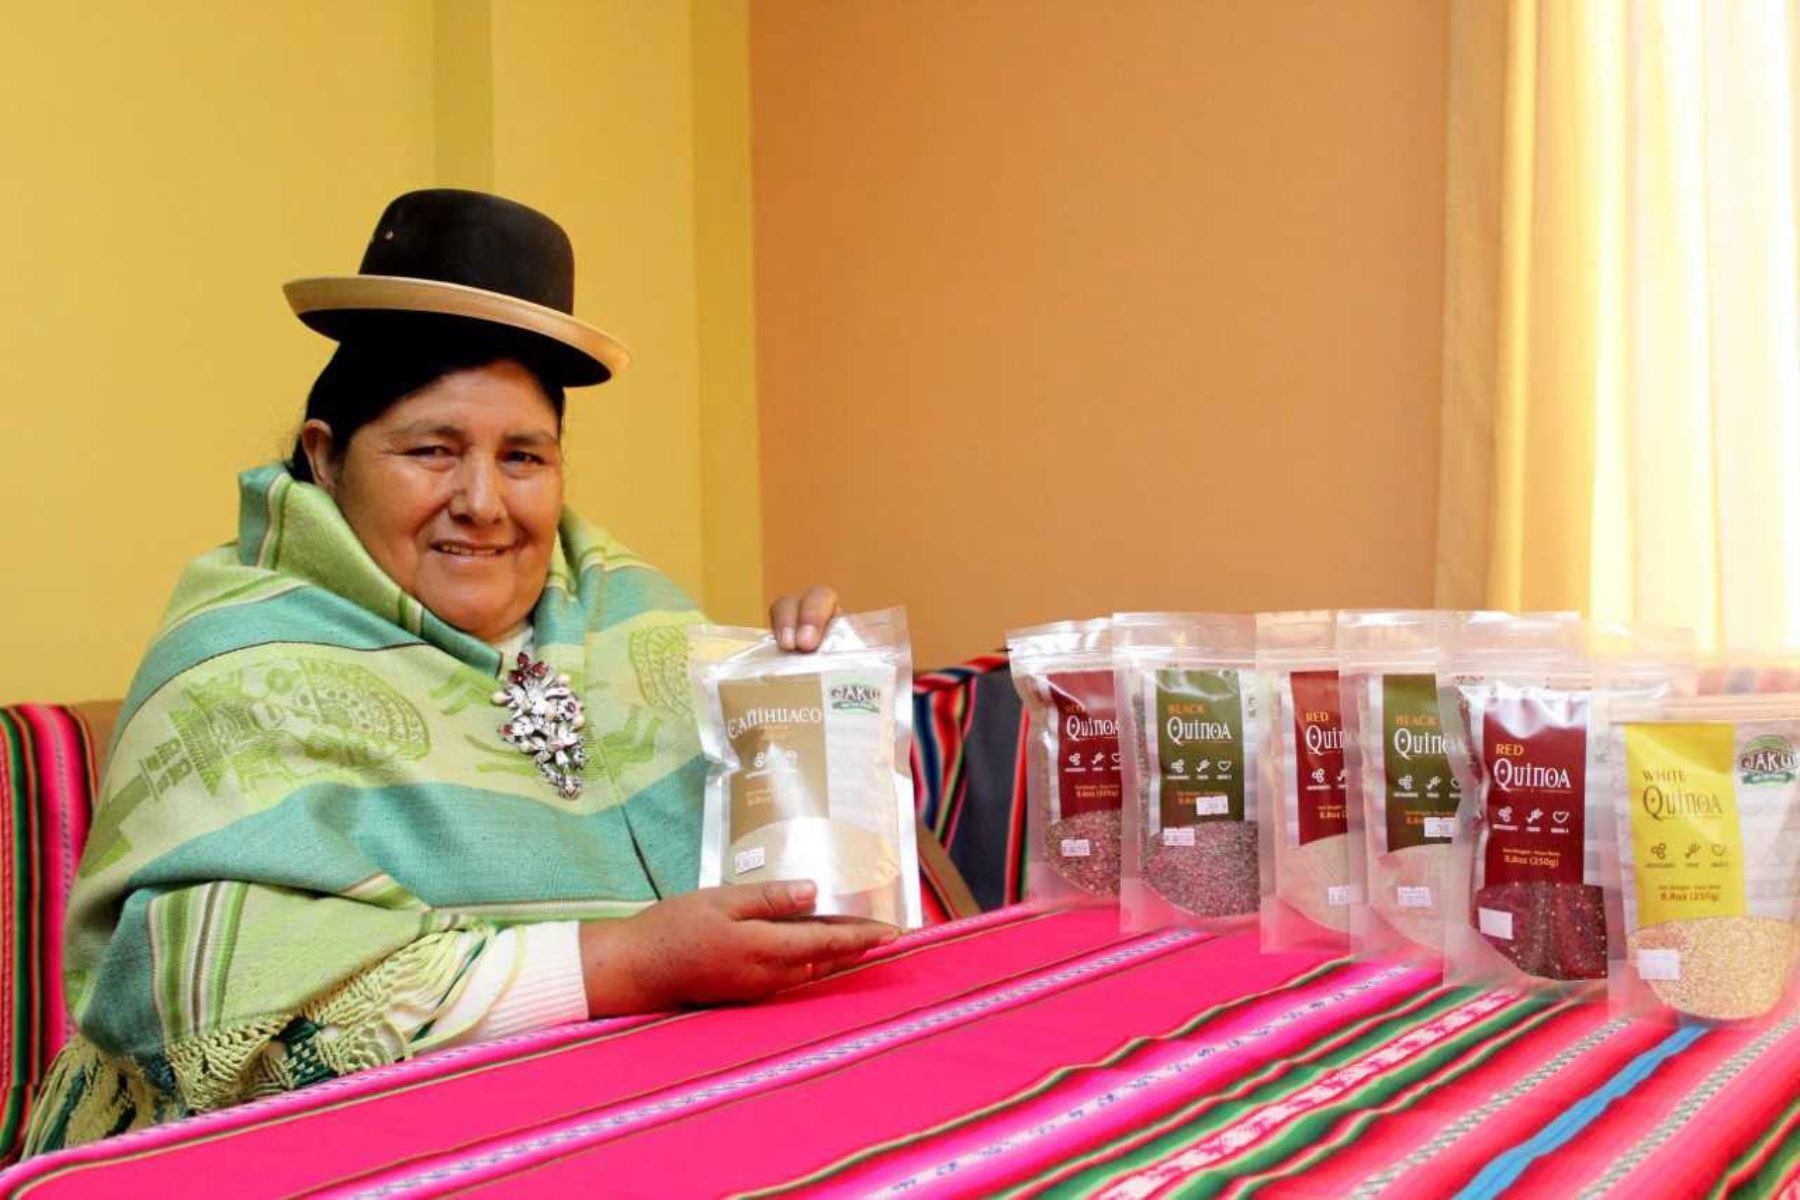 Las exportaciones de la región Puno entre enero y agosto de este año sumaron 995 millones 847,000 dólares, lo que representa un incremento de 1.6% respecto al mismo periodo del 2017, informó la Asociación de Exportadores (Adex).